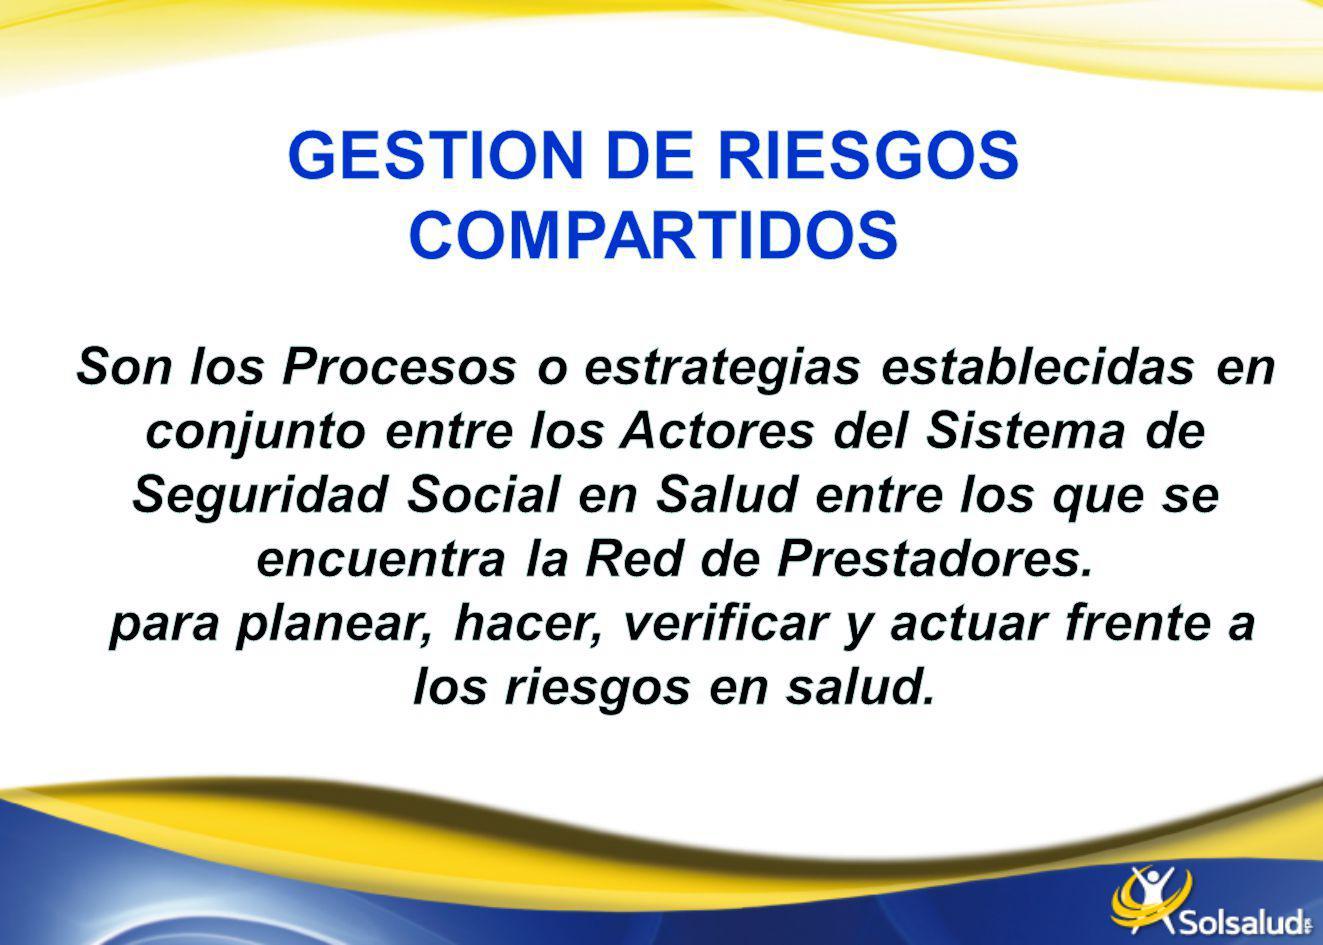 GESTION DE RIESGOS COMPARTIDOS